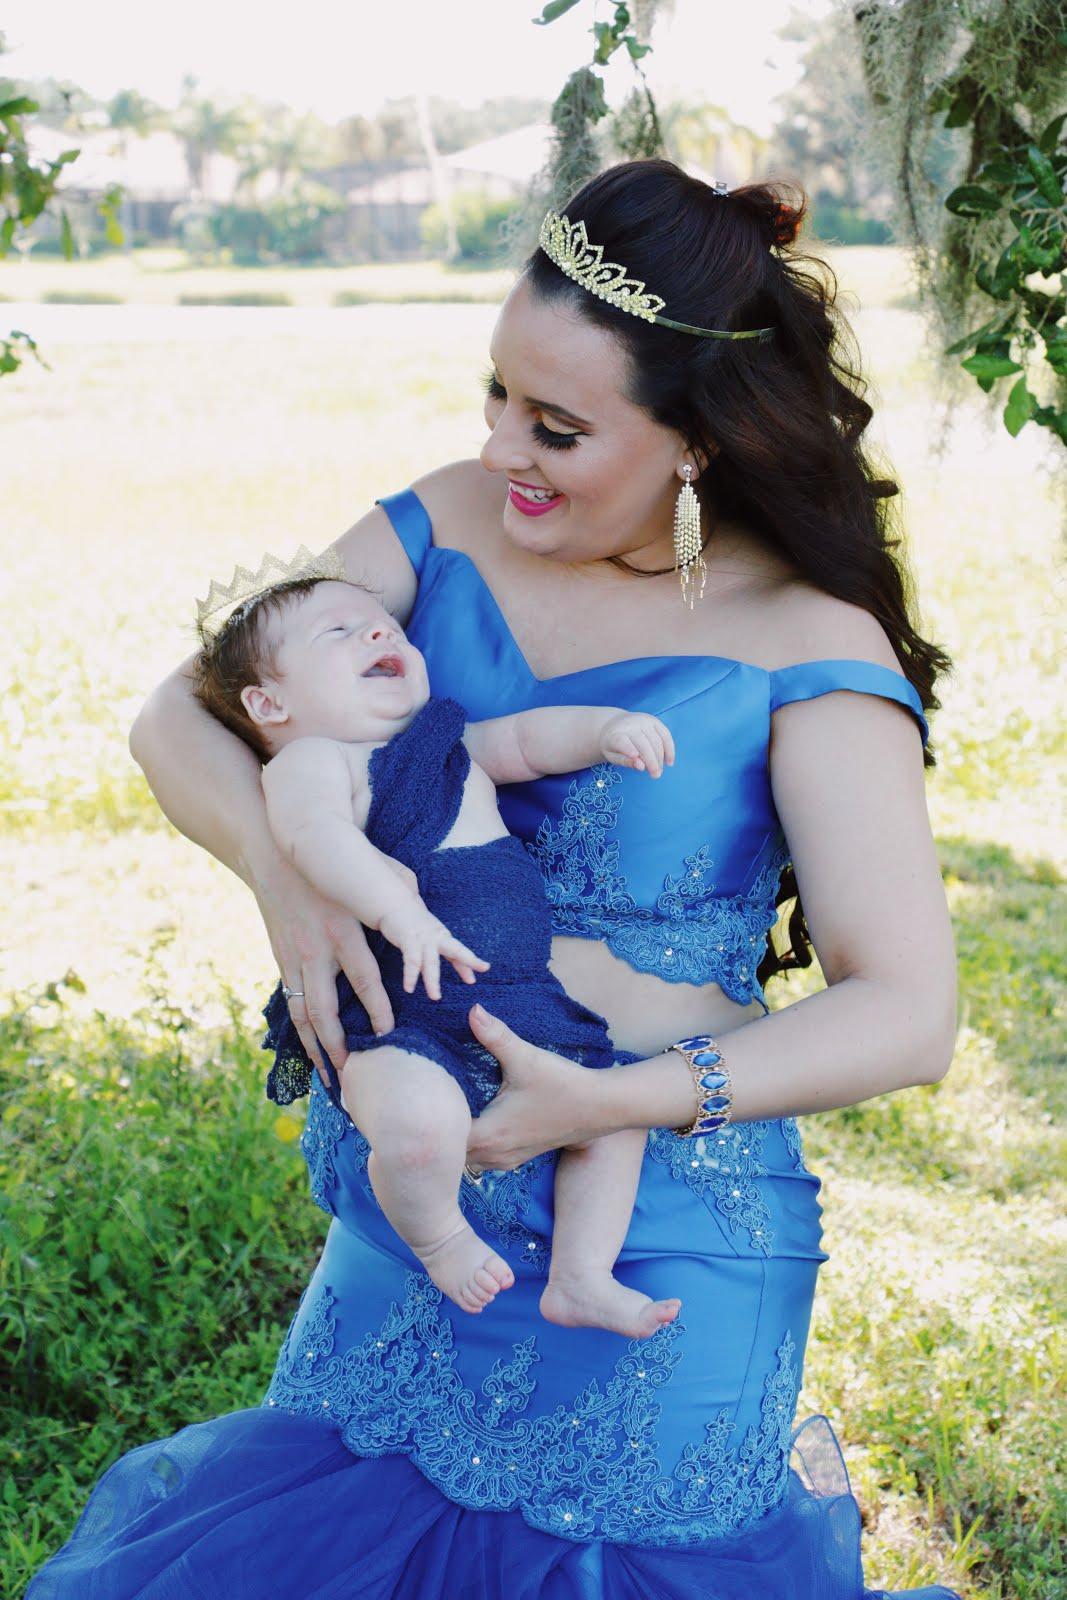 Mama-Queen-Baby-Prince-Royal -Photoshoot-Vivi-Brizuela